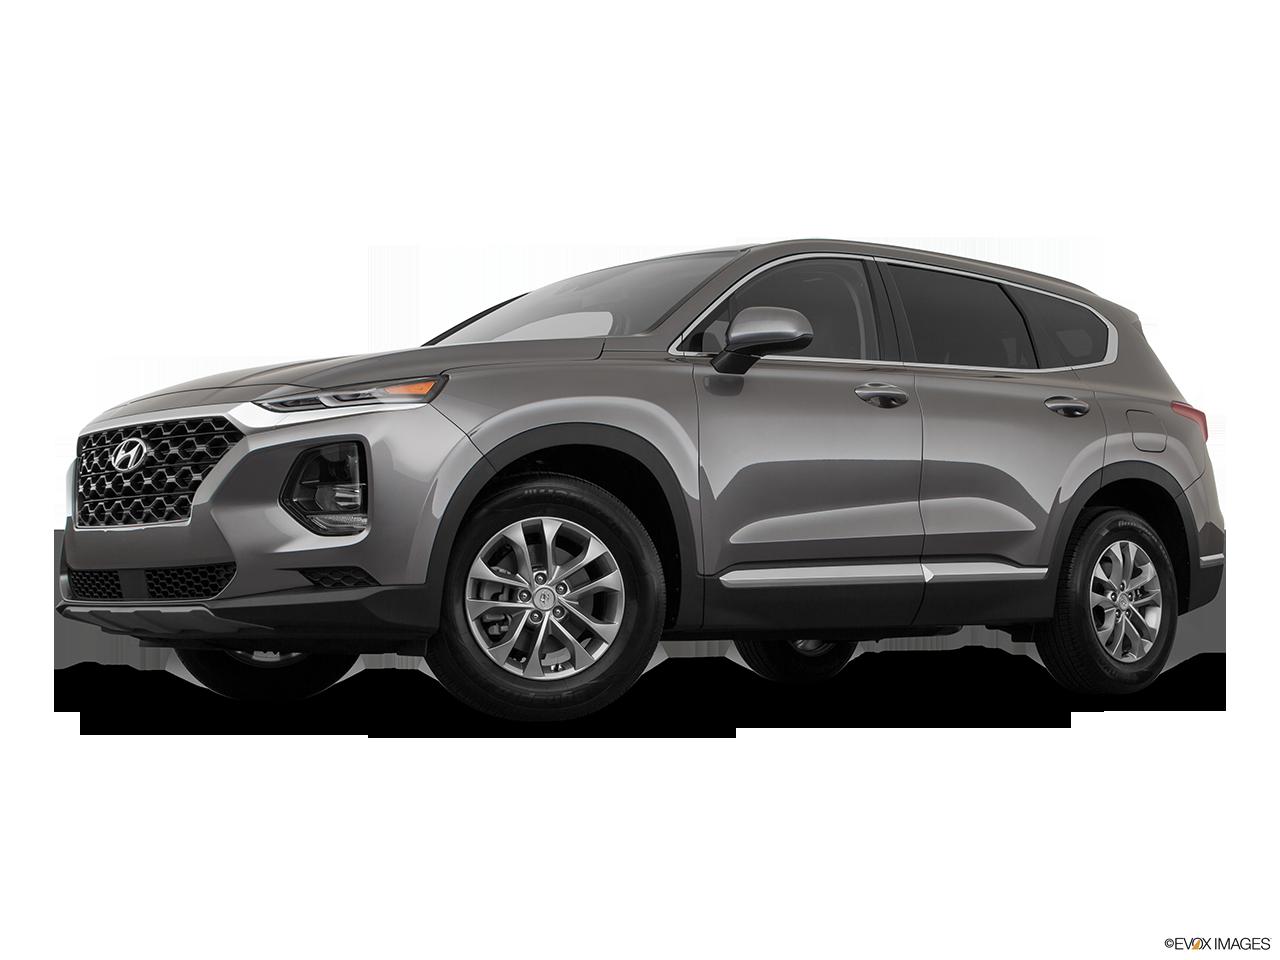 2020 Hyundai Santa Fe photo